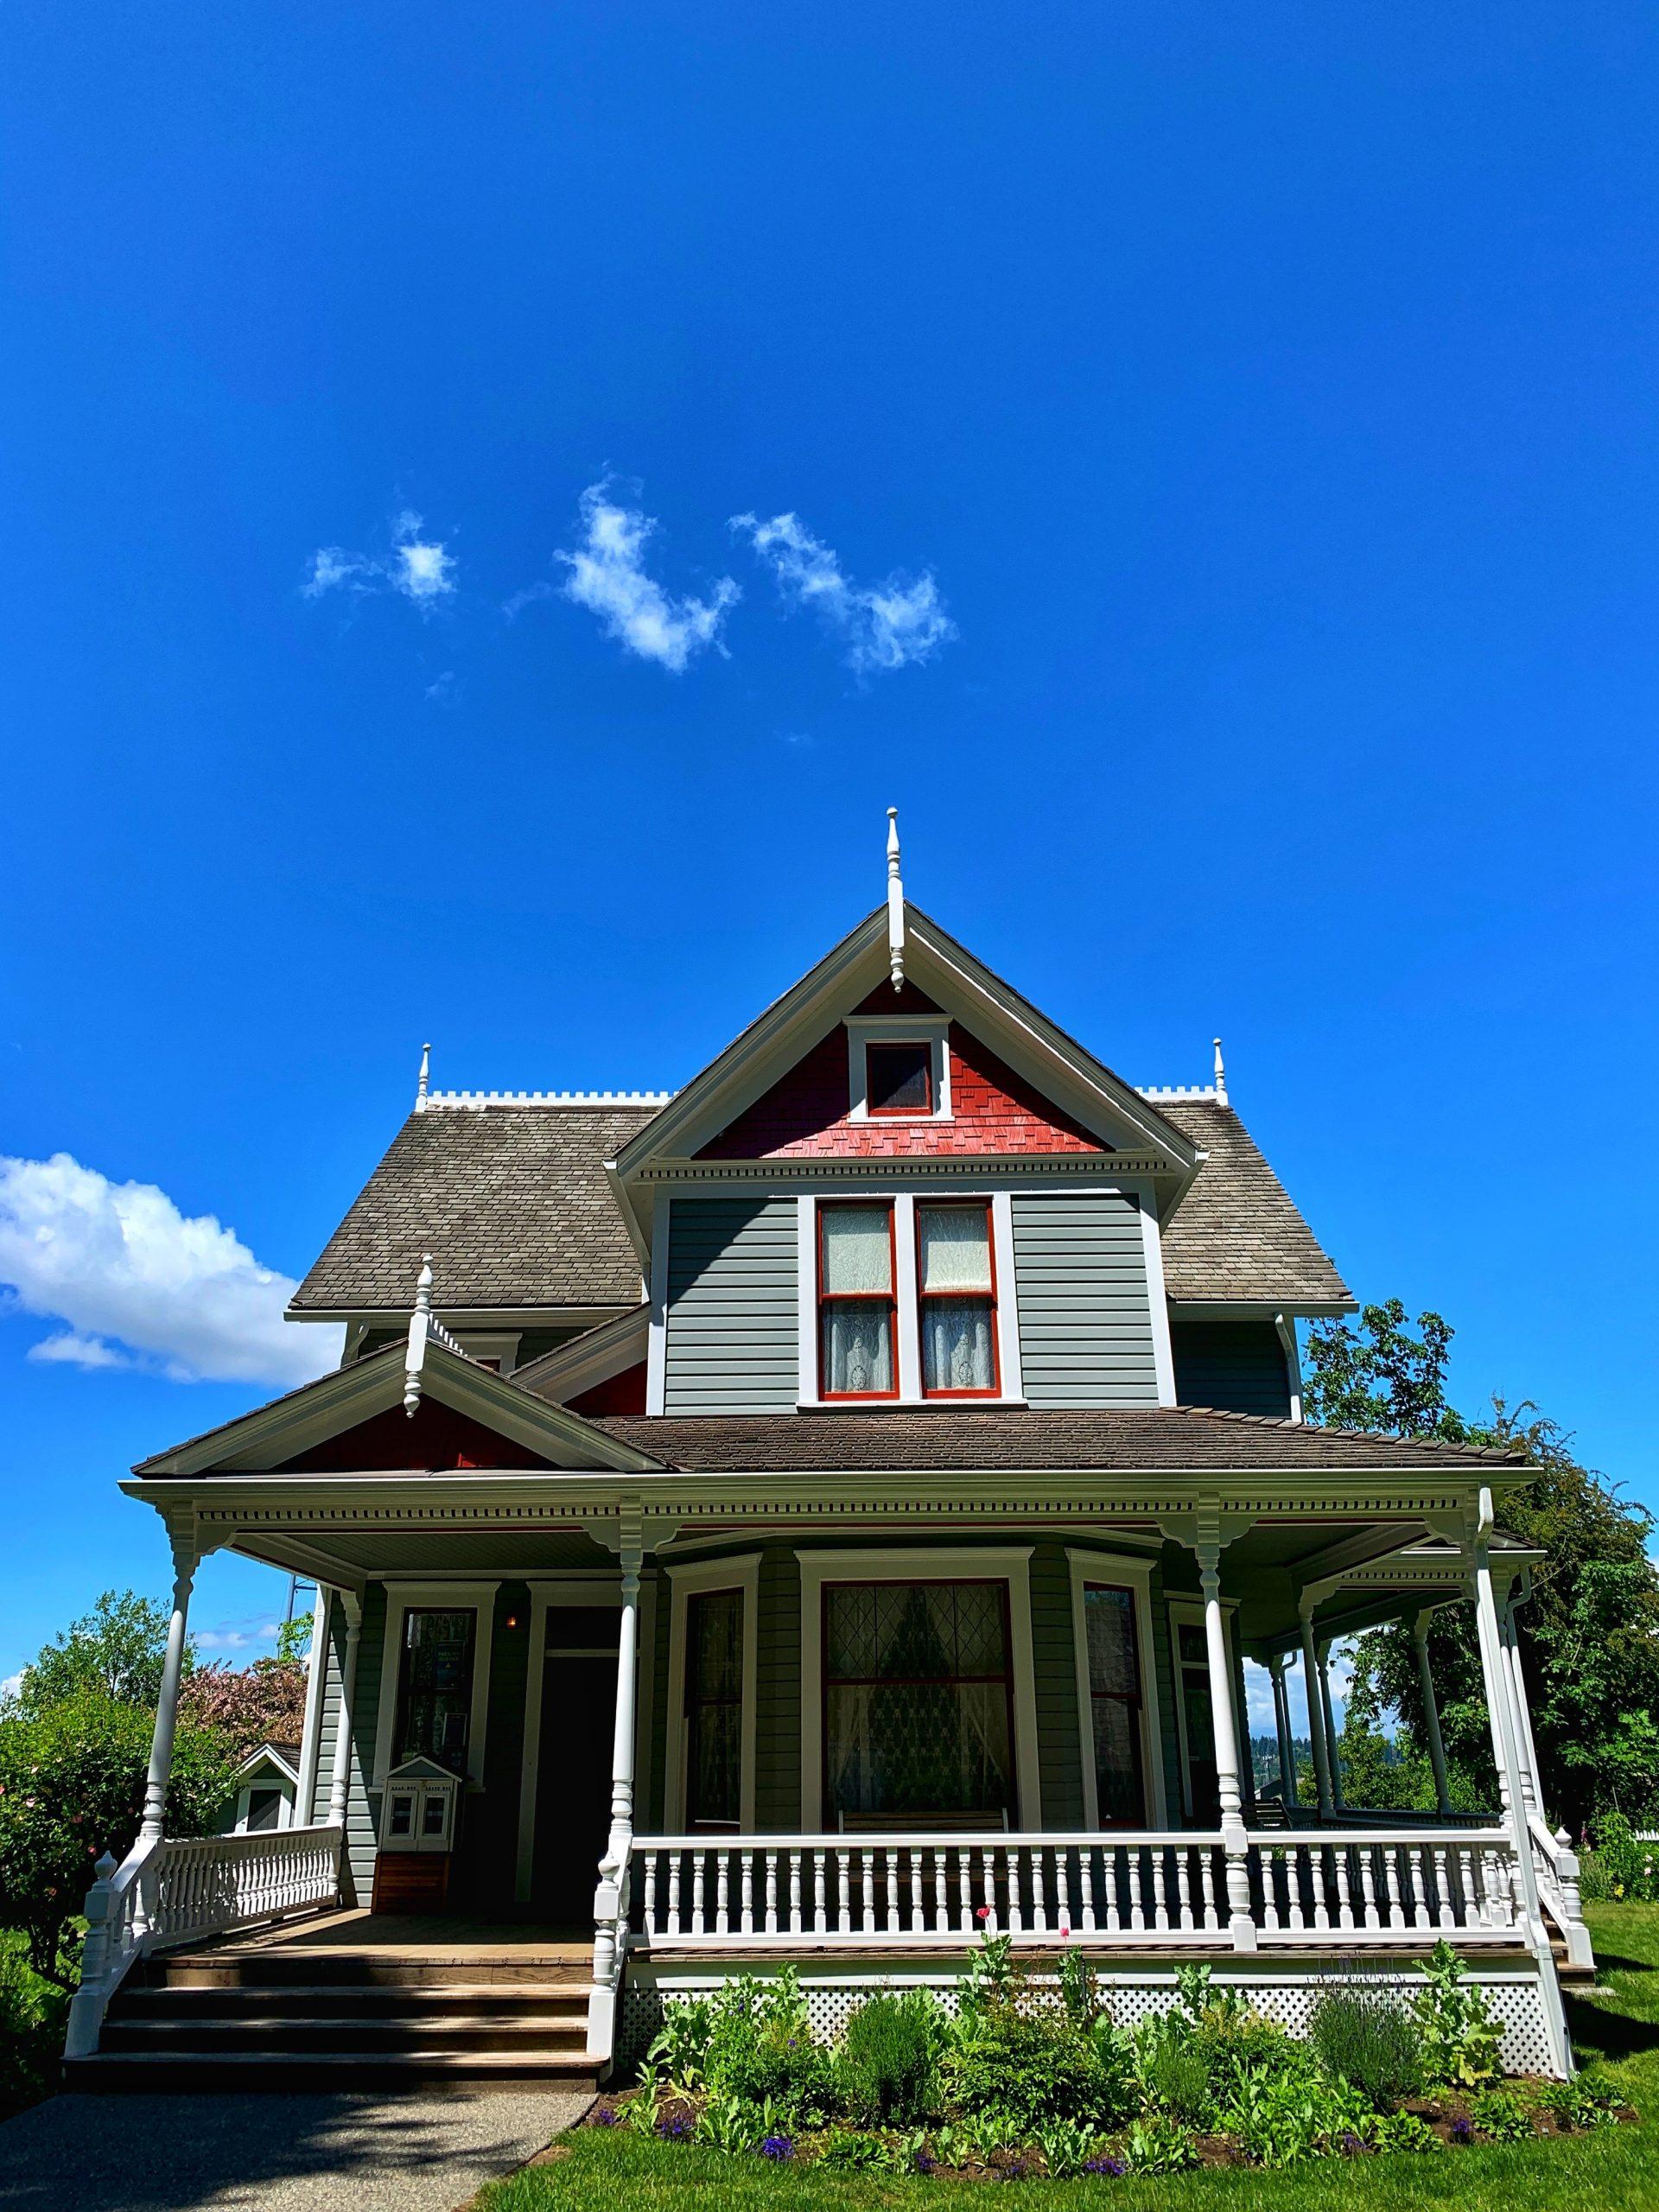 Ohio Prefab Homes